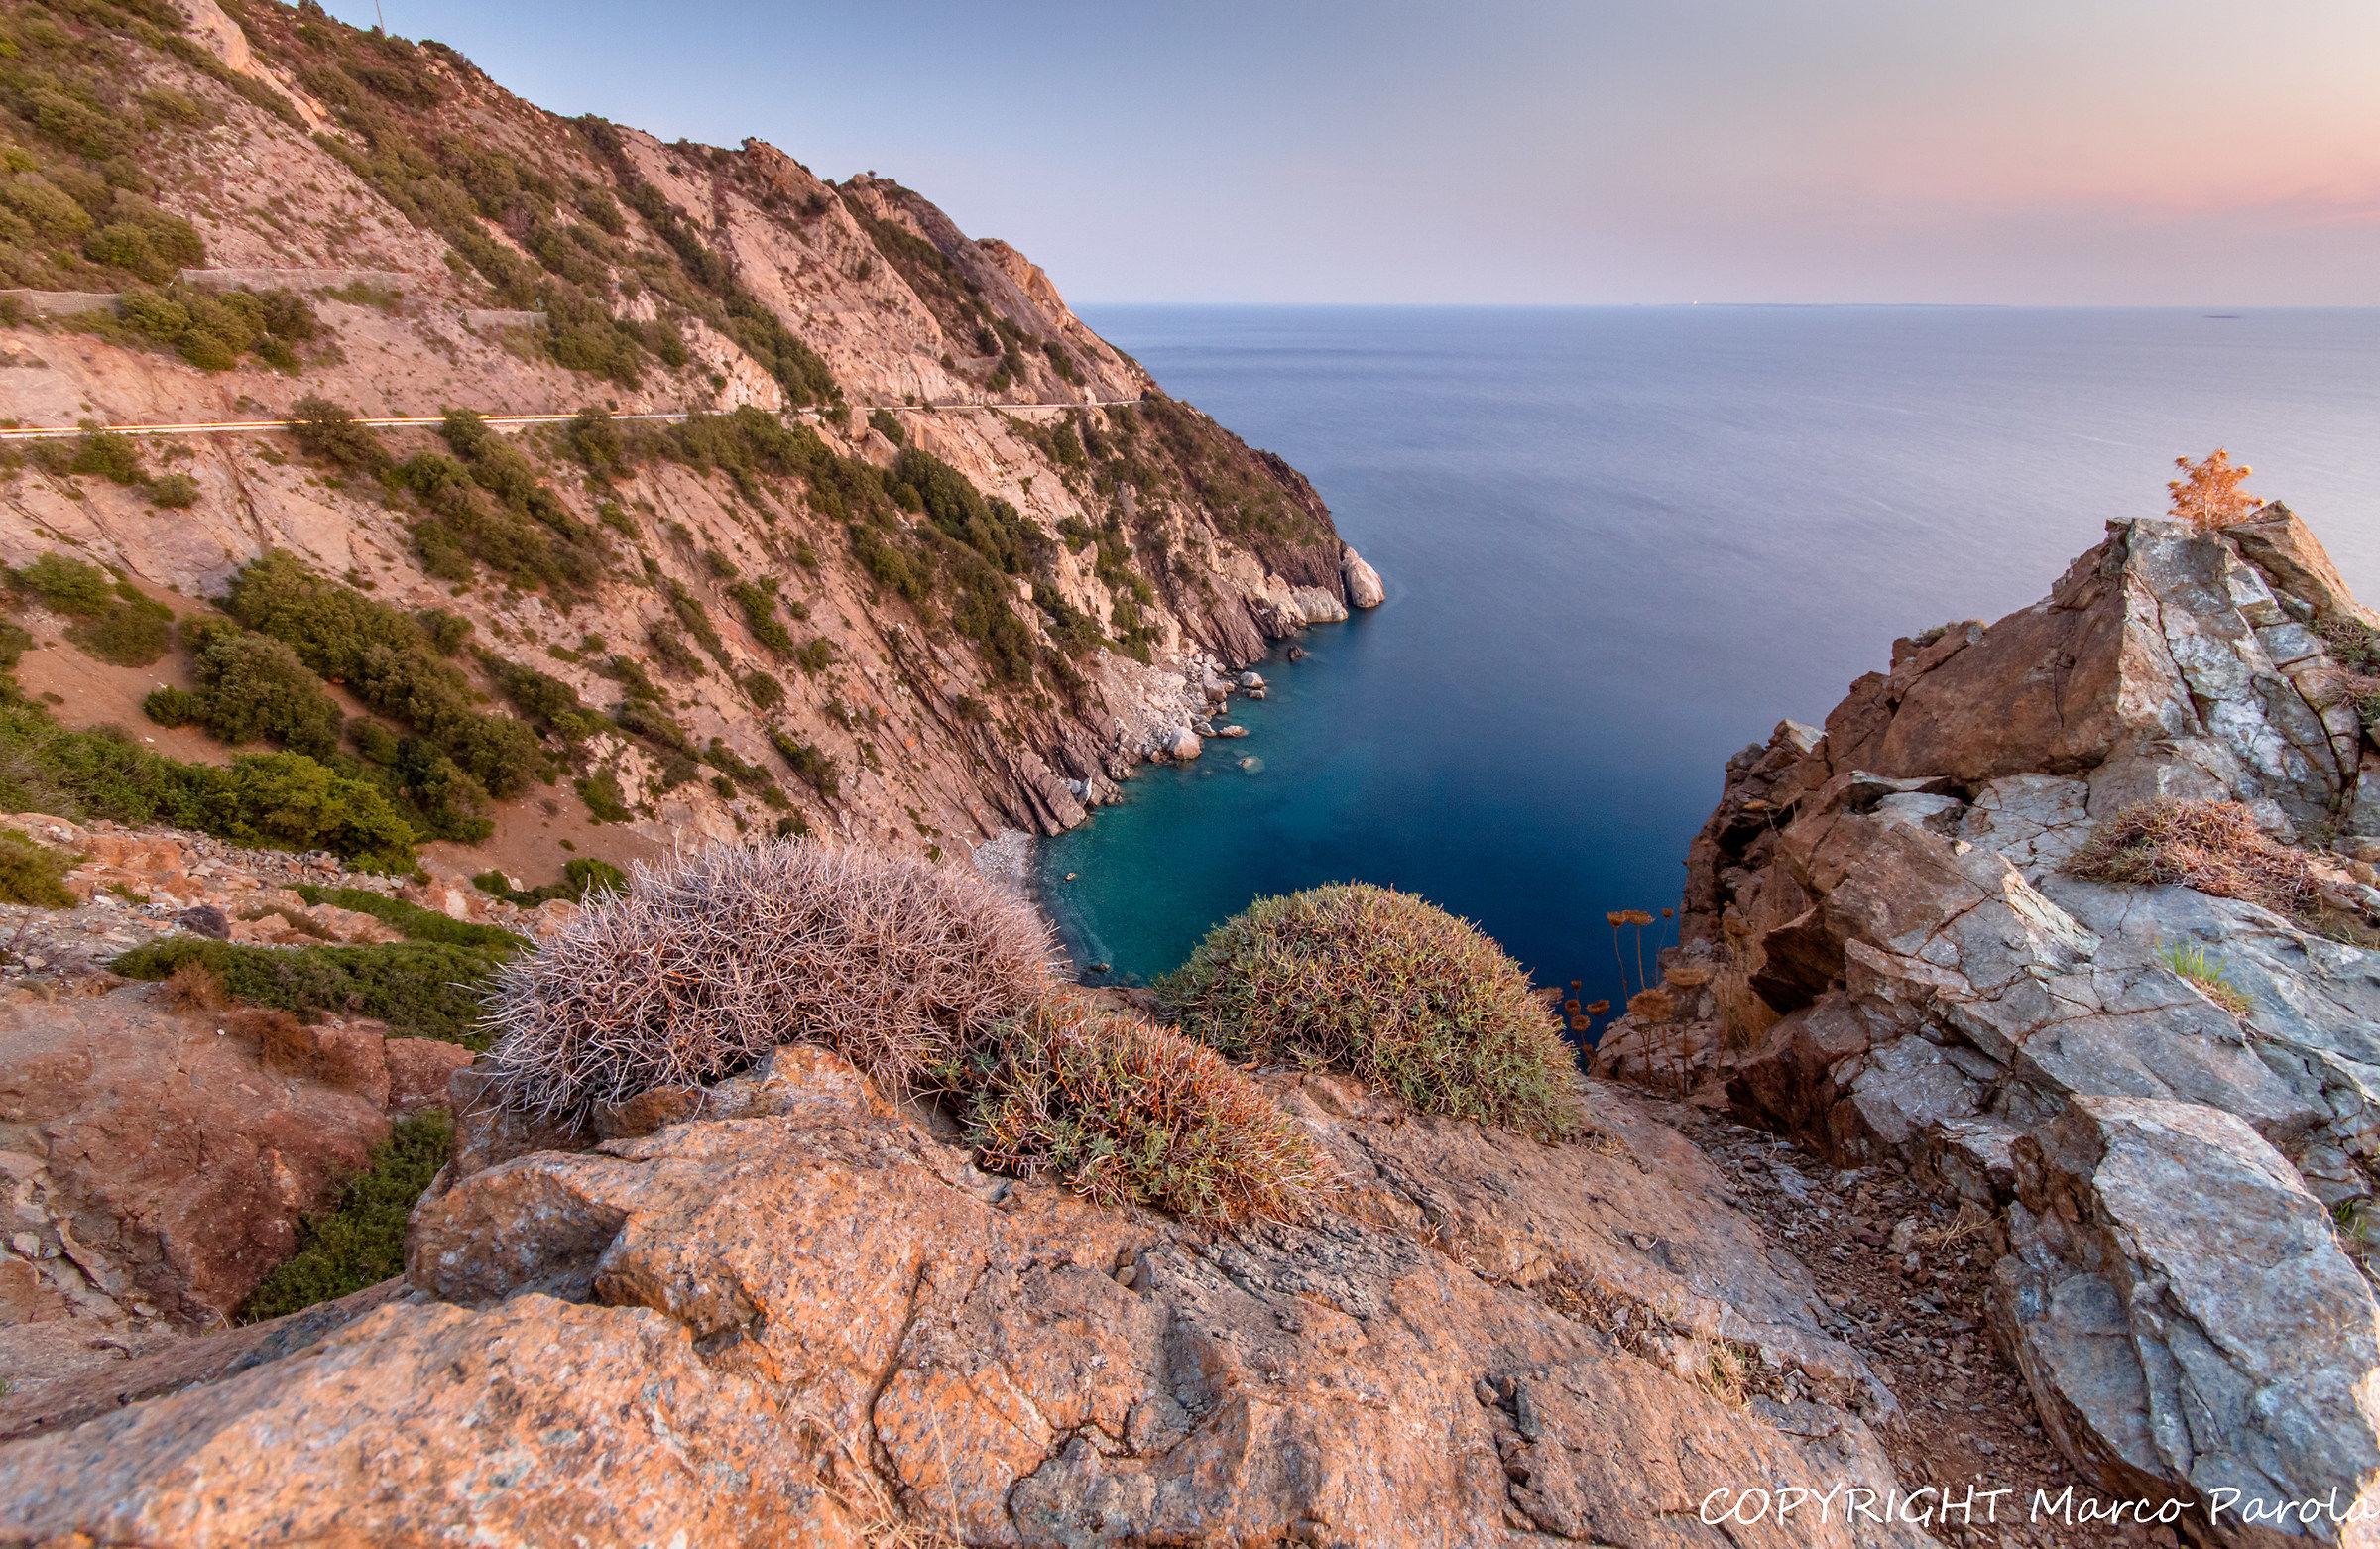 Sunset on the island of Elba...